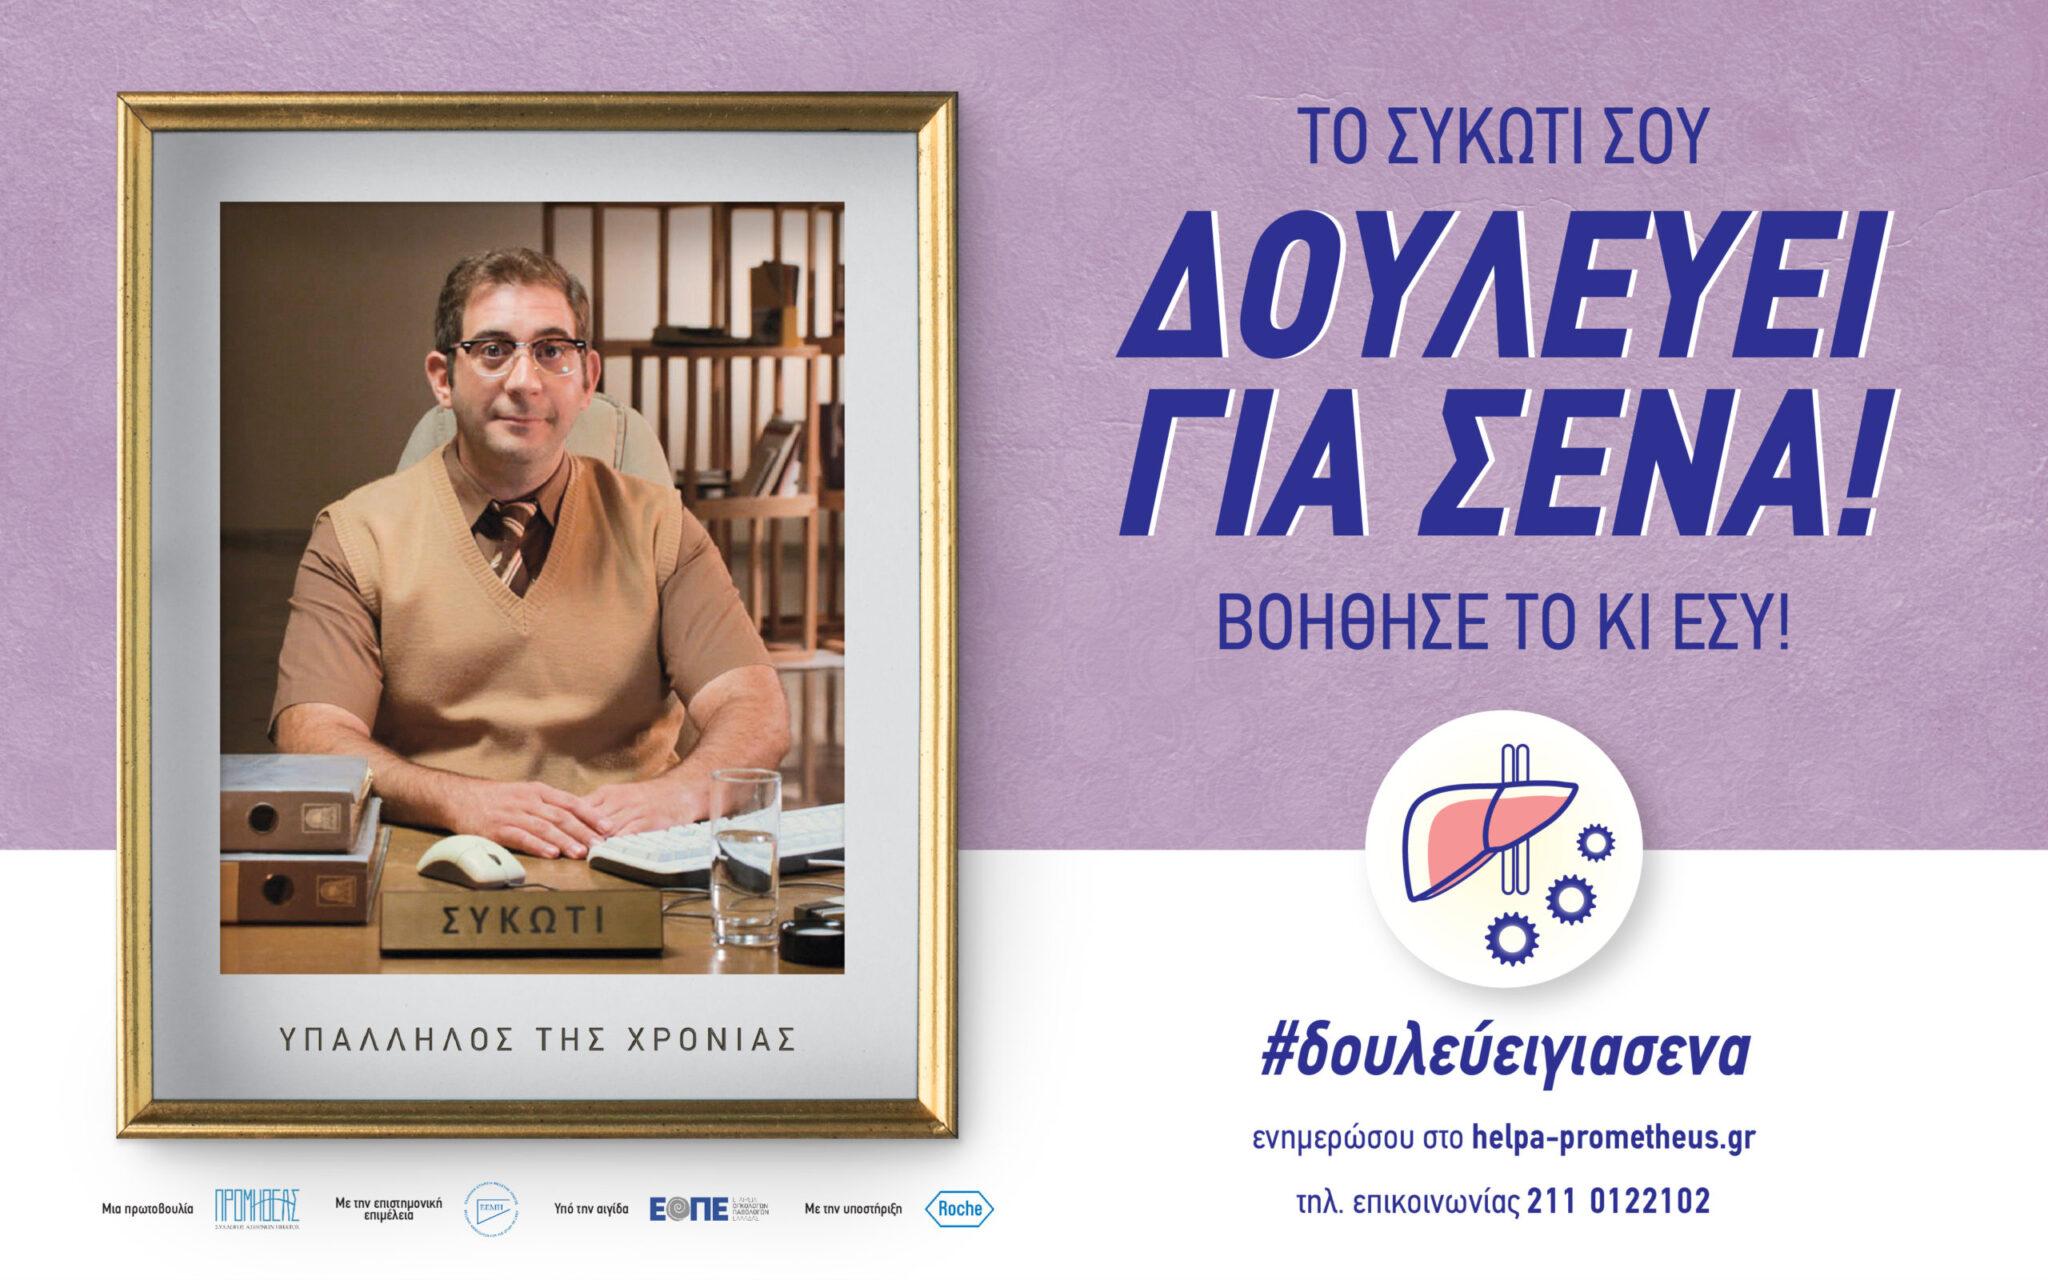 Δουλεύει για Σένα!: Η Ενημερωτική Καμπάνια του Συλλόγου Ασθενών Ήπατος Ελλάδος «Προμηθέας» για τον Καρκίνο του Ήπατος συνεχίζεται και τη φετινή χρονιά